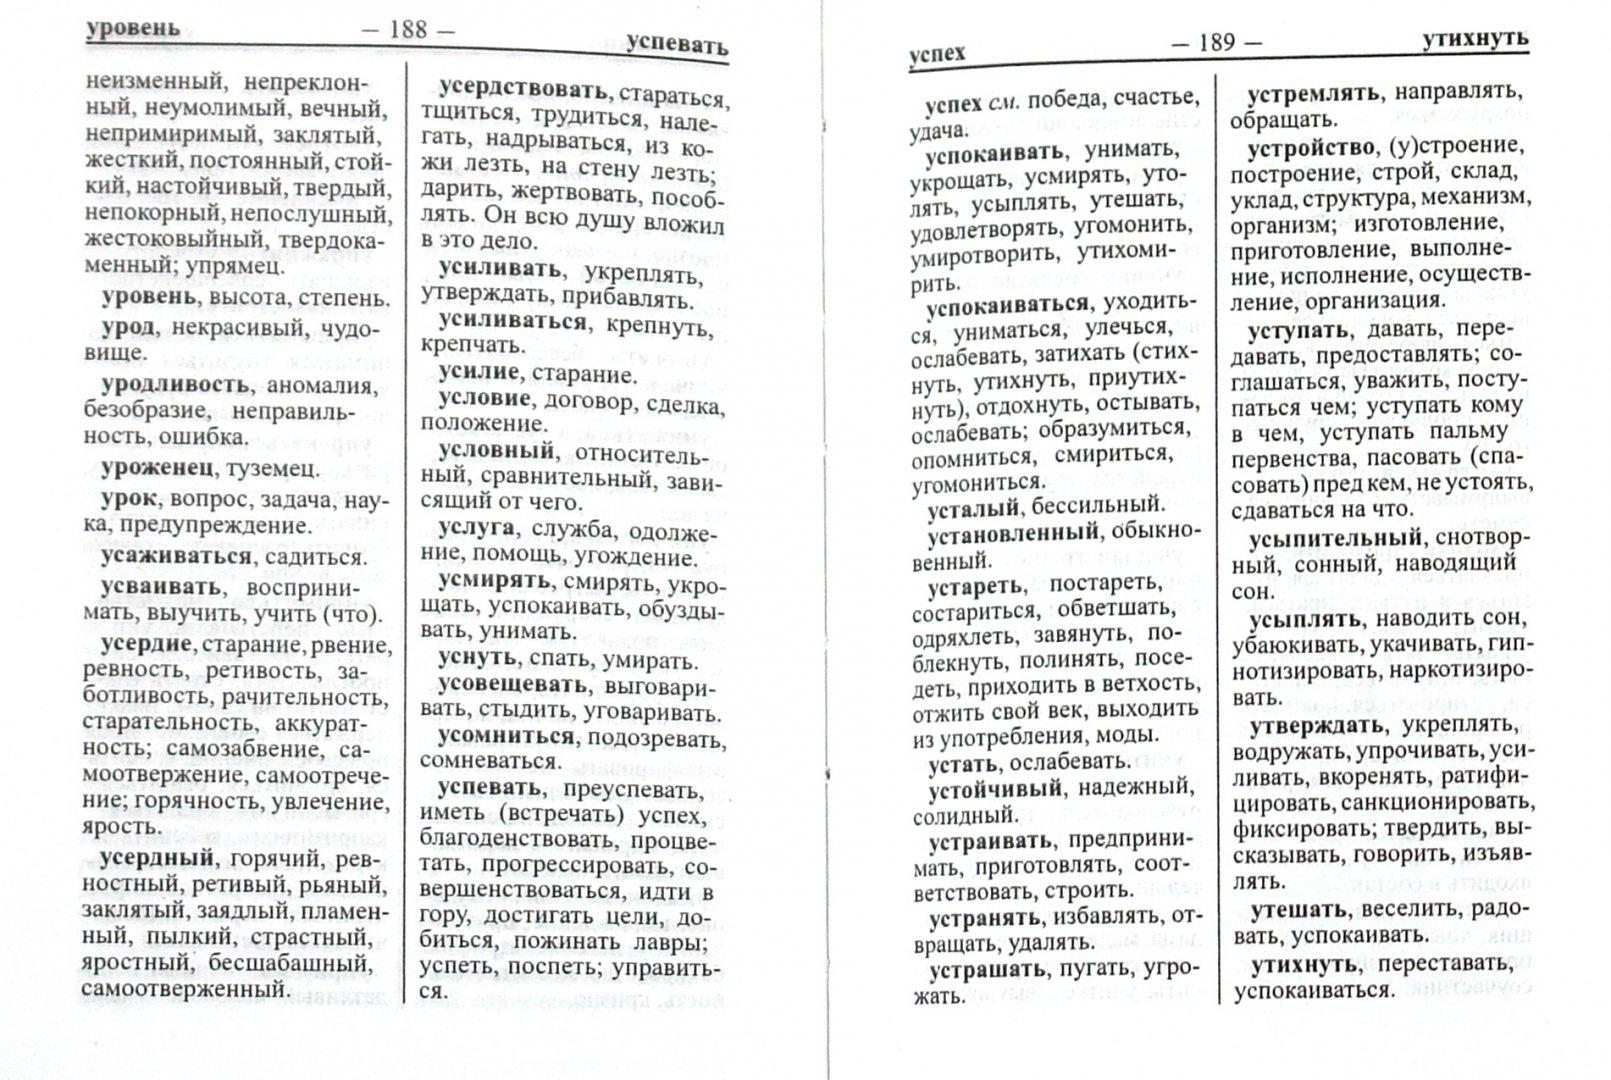 Иллюстрация 1 из 14 для Словарь синонимов и антонимов русского языка для школьников | Лабиринт - книги. Источник: Лабиринт